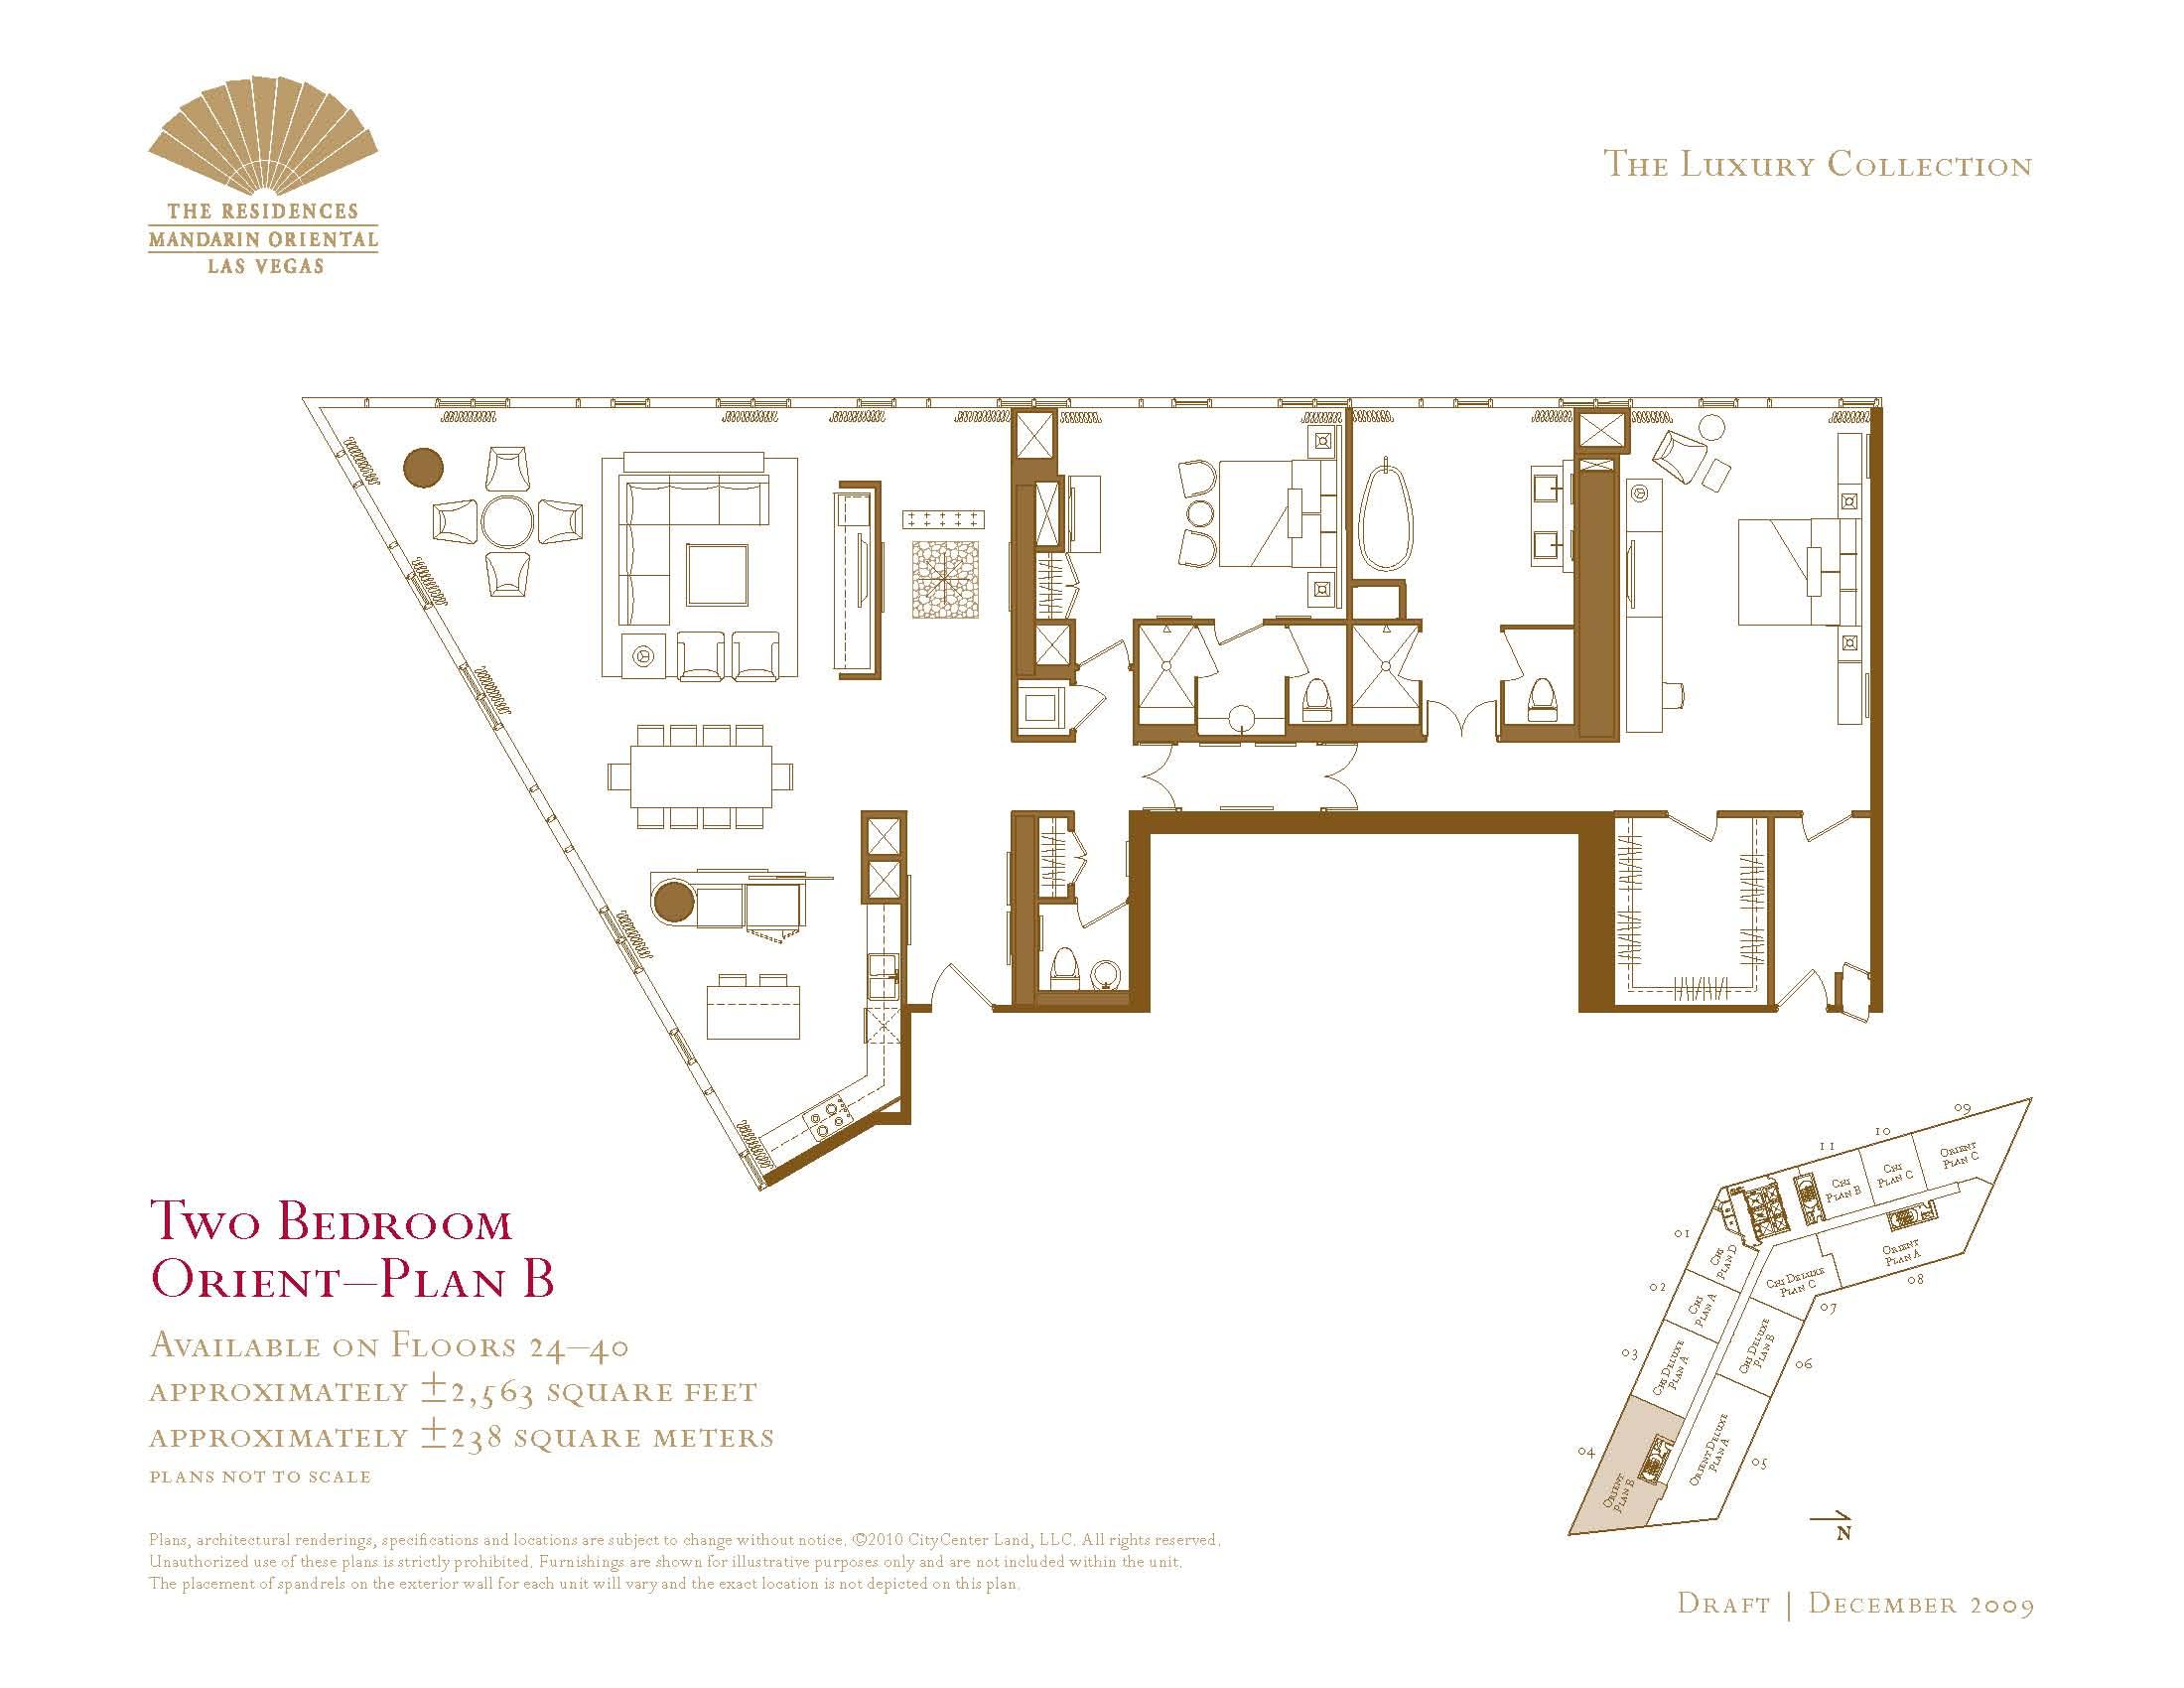 Two Bedroom Floor Plans The Mandarin Oriental Las Vegas on Grandview Las Vegas 2 Bedroom Floor Plans